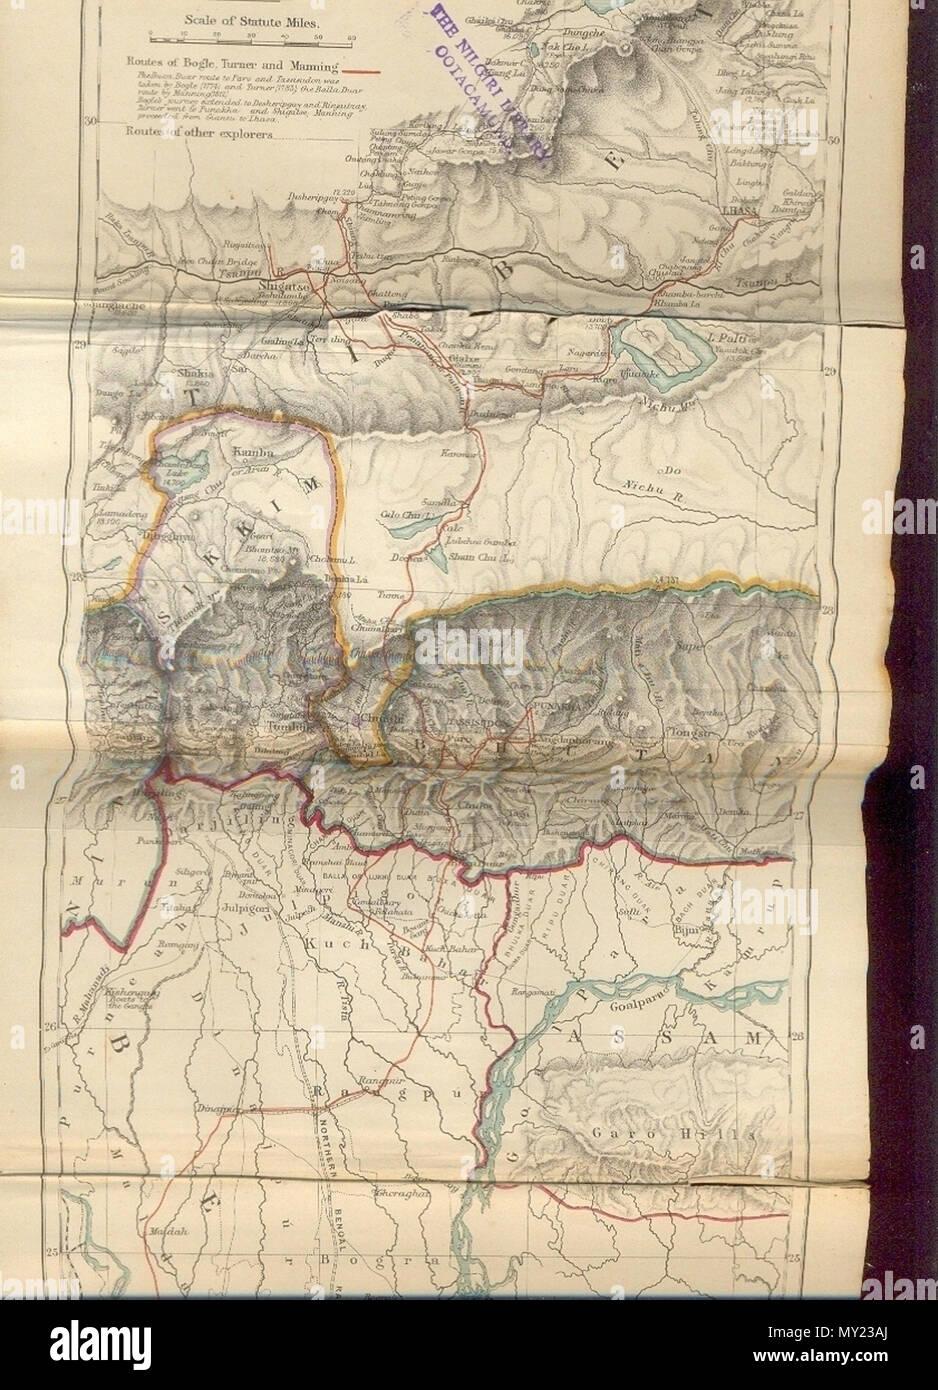 Carte Inde Sikkim.Anglais Carte Historique De Sikkim Dans Le Nord Est De L Inde